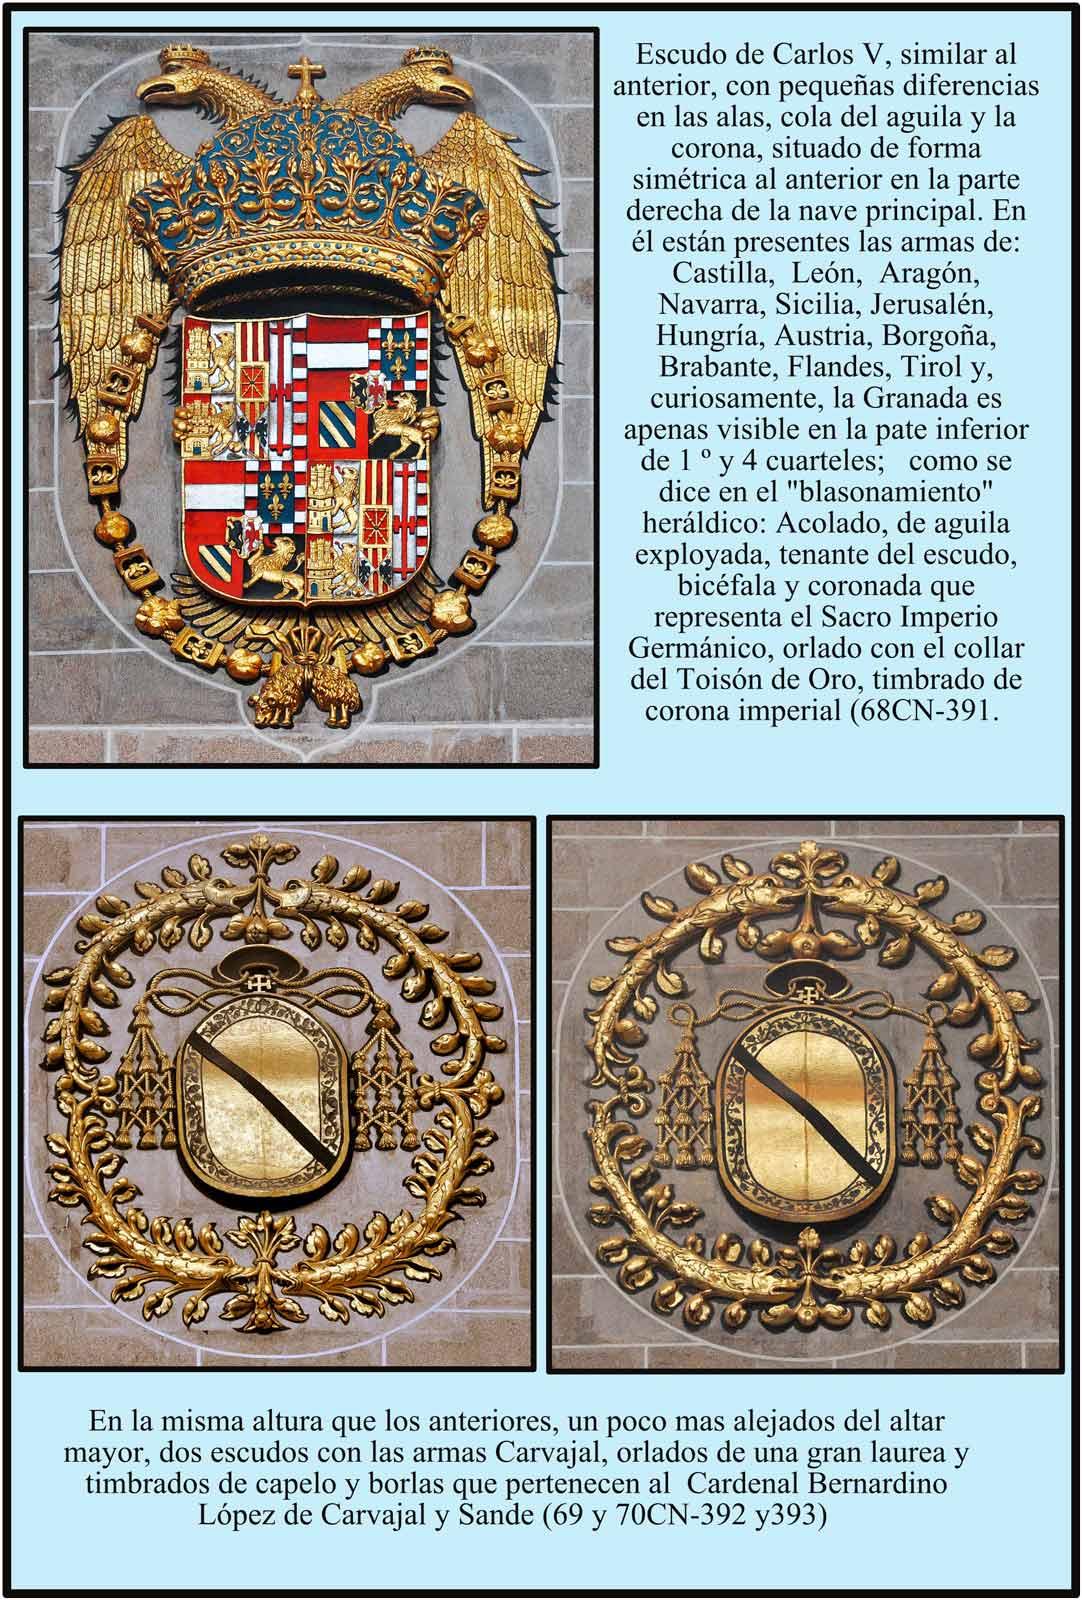 Escudos de Carlos V y del Cardenal Bernardino Lopez de Carvajal y Sande